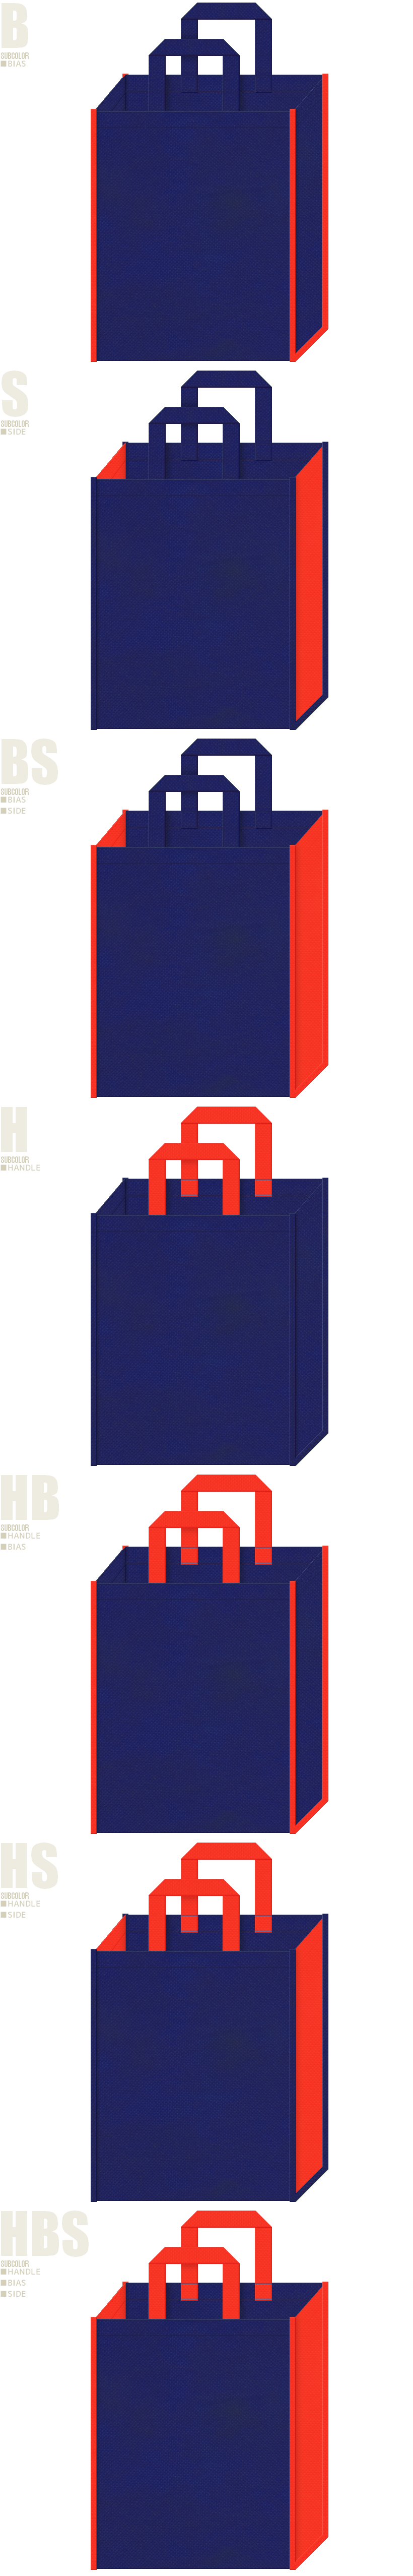 スポーツイベント・スポーツ用品の展示会用バッグにお奨めの不織布バッグデザイン:明るい紺色とオレンジ色の配色7パターン